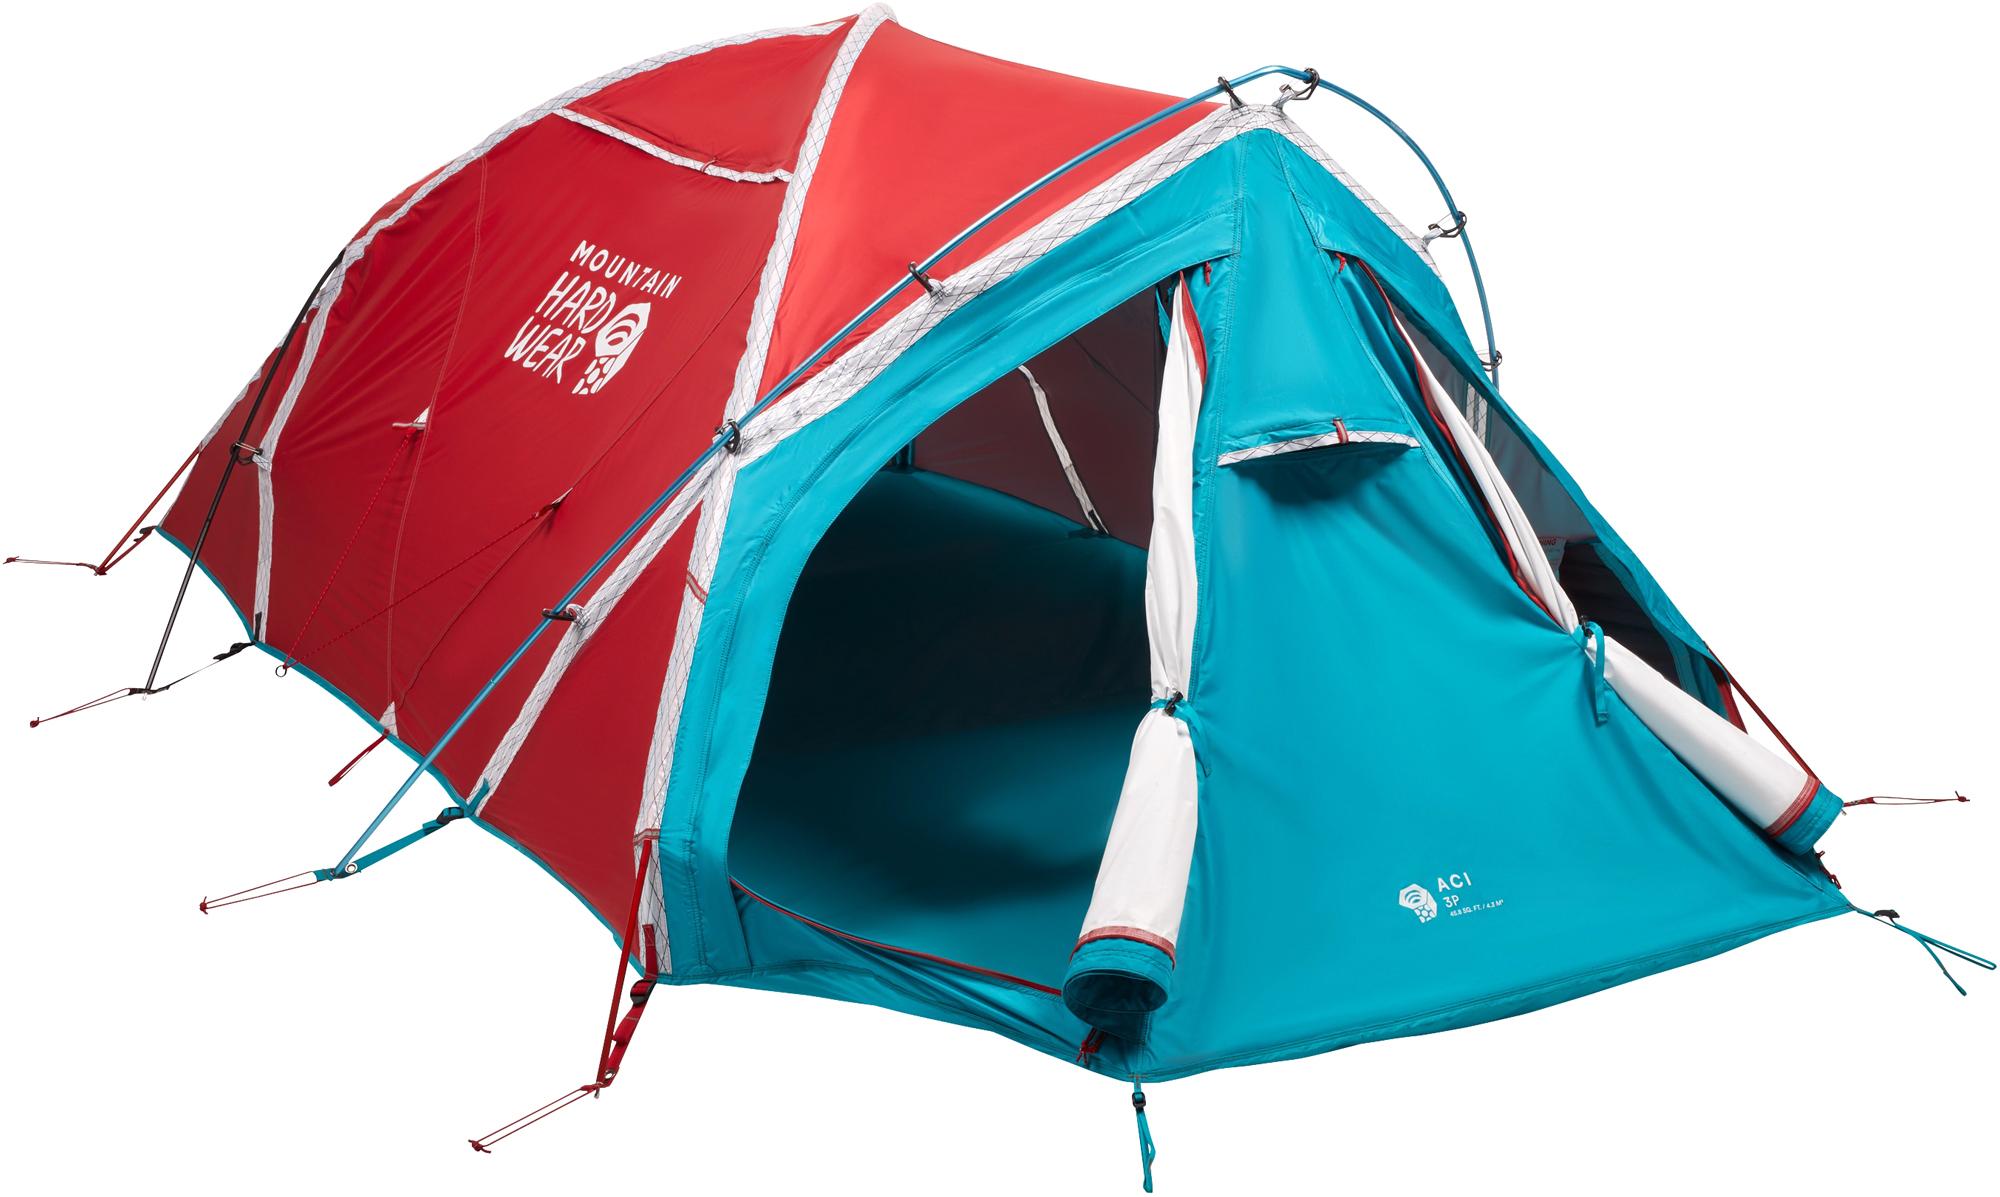 Mountain Hardwear AC 3 Tent палатка быстросборная maverick wind трехместная зелёный с тиснением